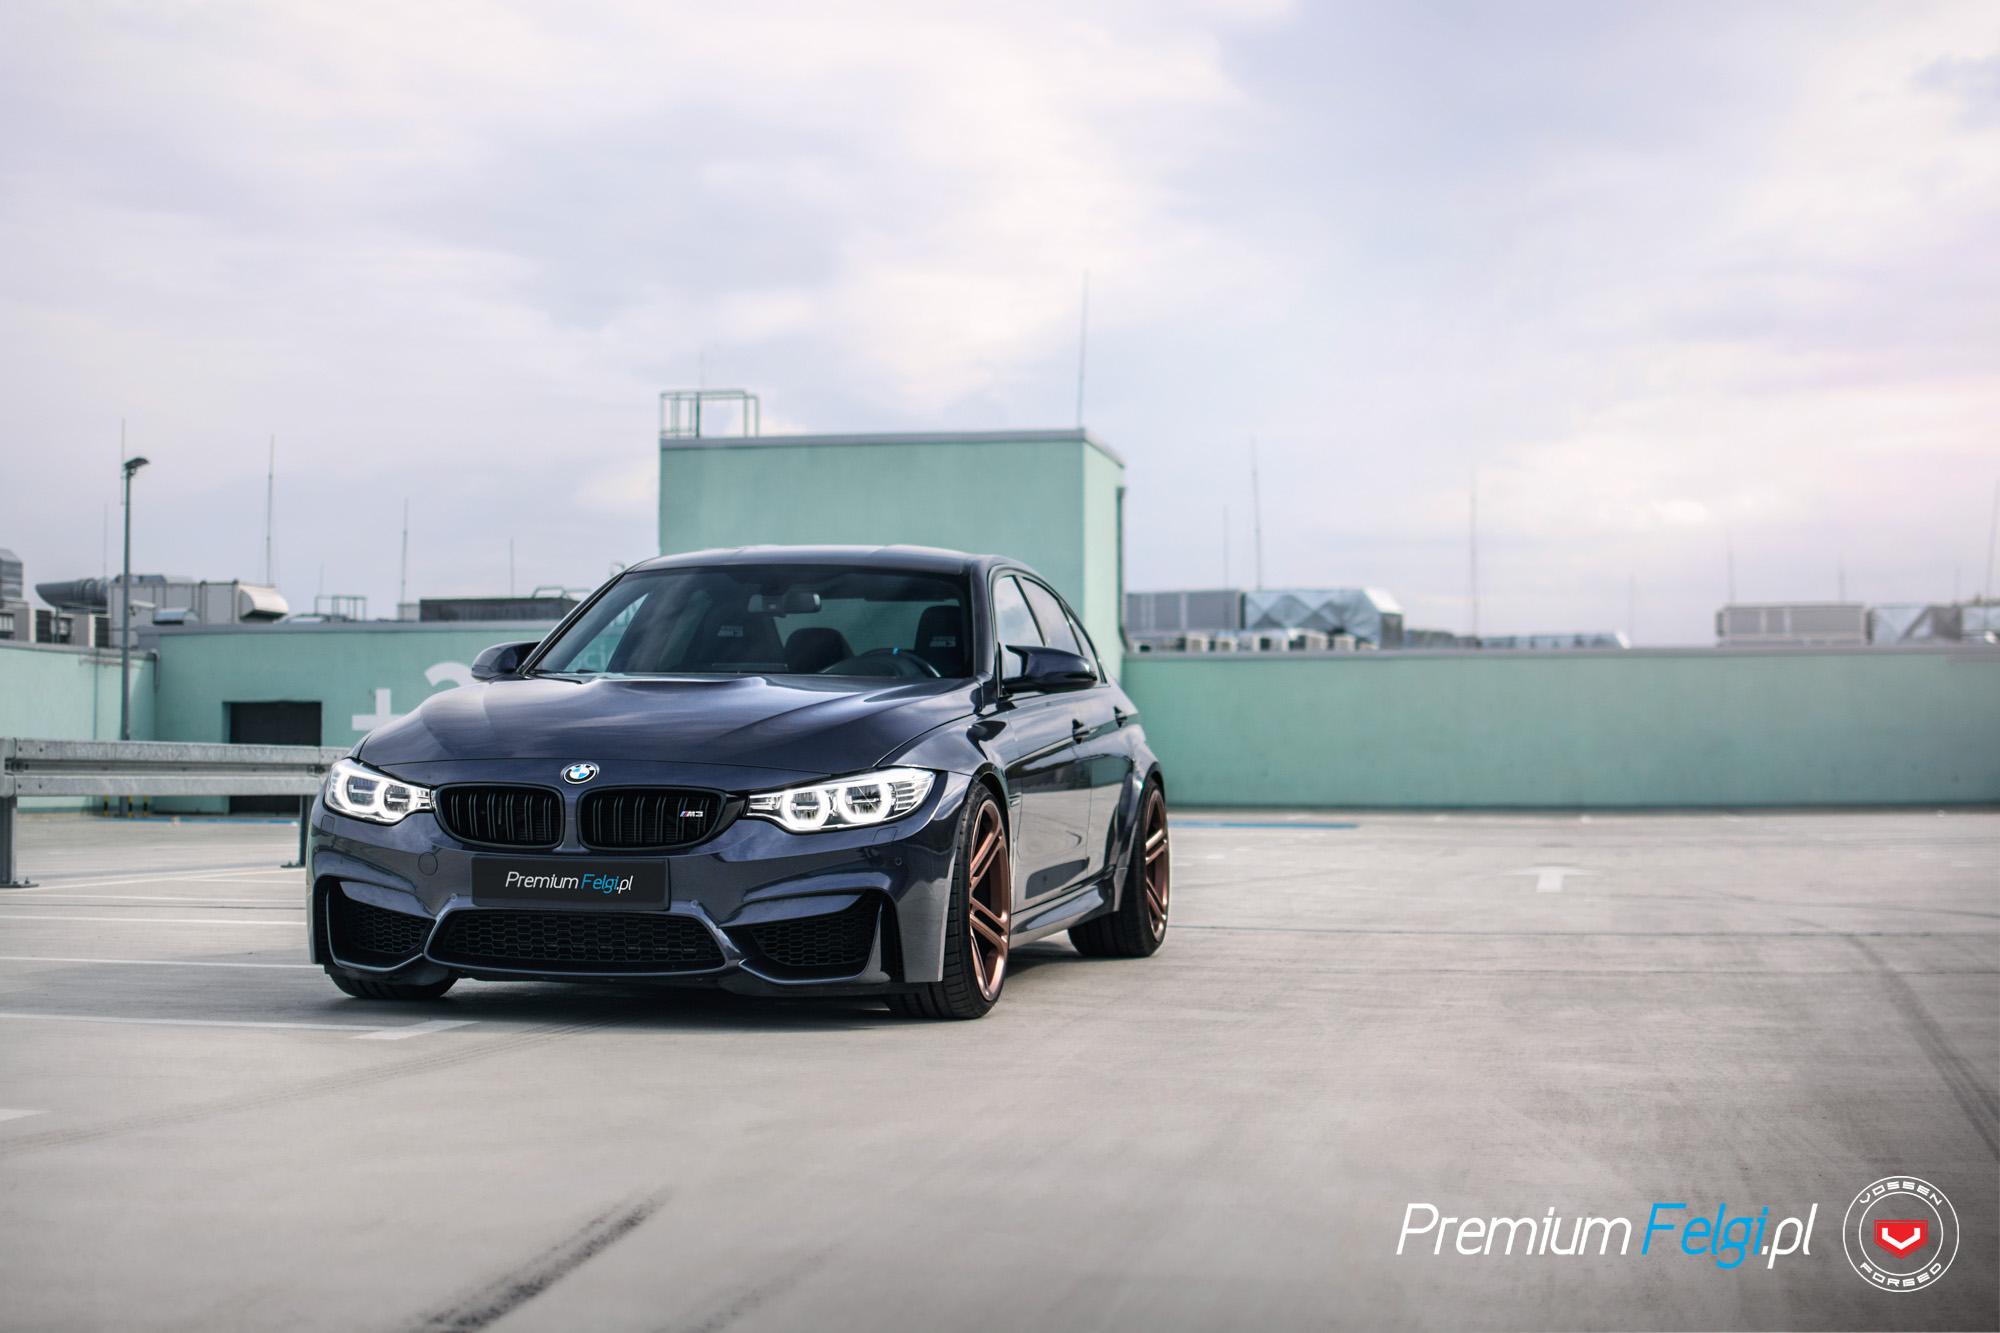 BMW F80 M3